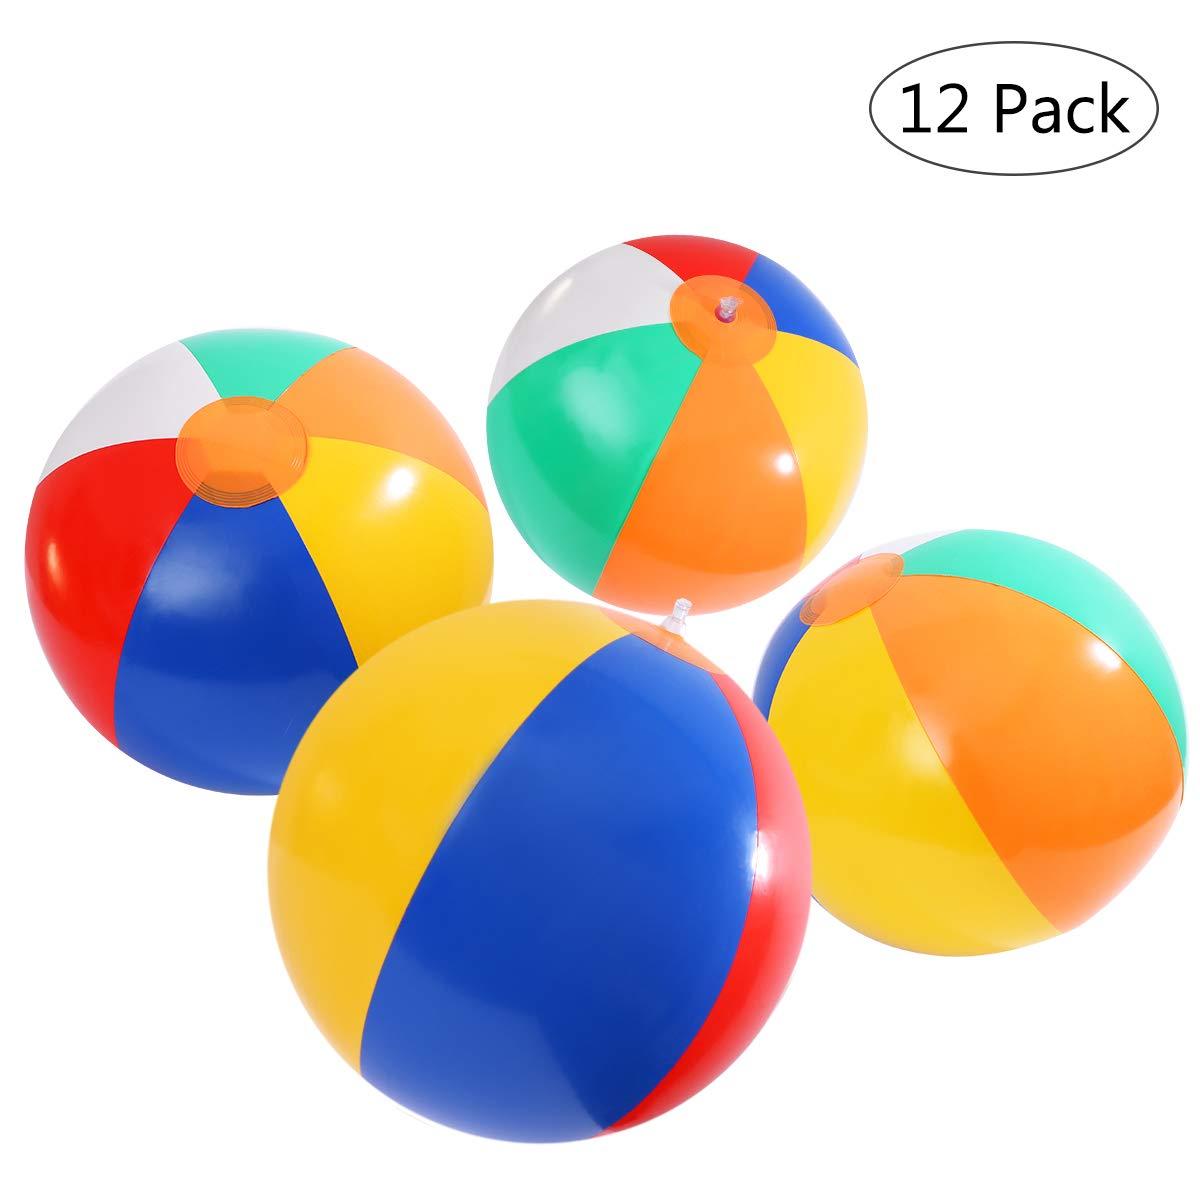 STOBOK Les Ballons de Plage gonflables pour la Partie de piscines Jouant à la Plage Joue 12Pcs